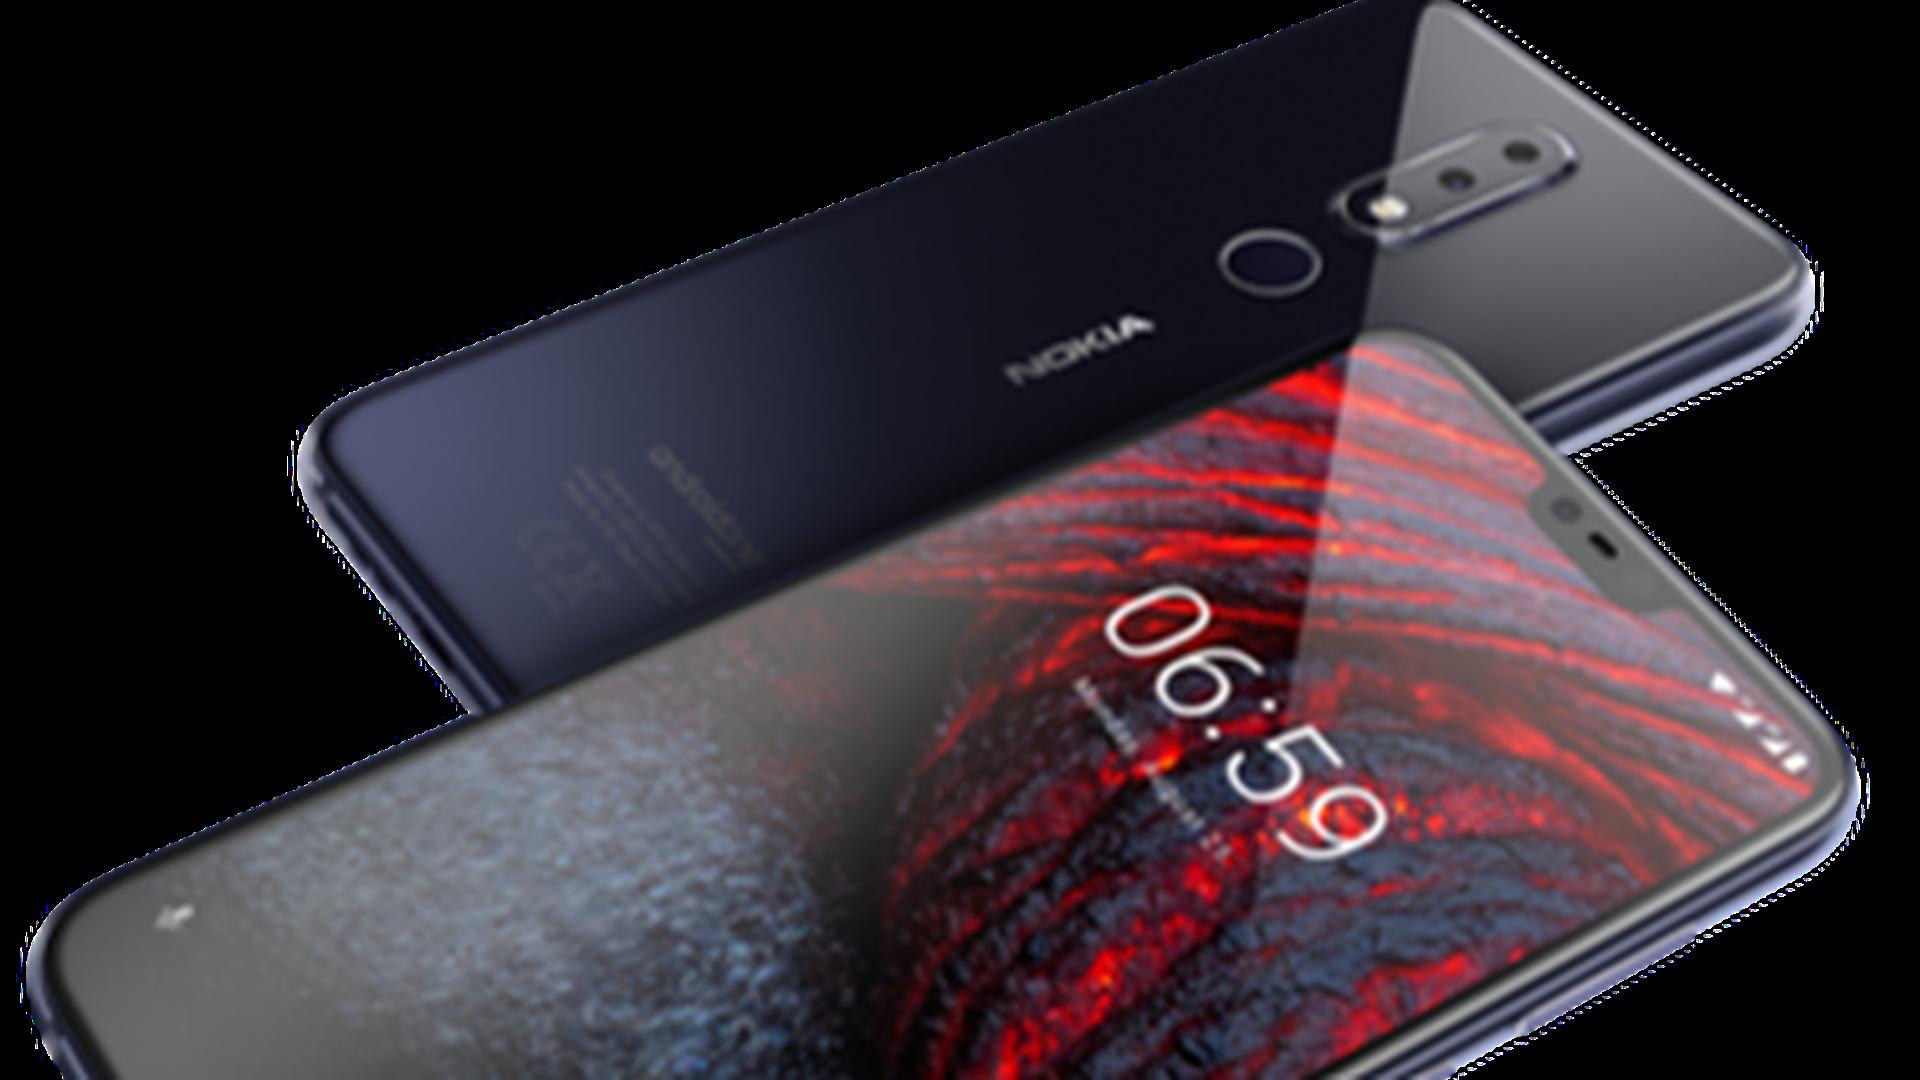 Nokia 61 Plus I 51 Donose Popularni Dizajn Zaslona Preko Cijelog Ureaja Zimoco